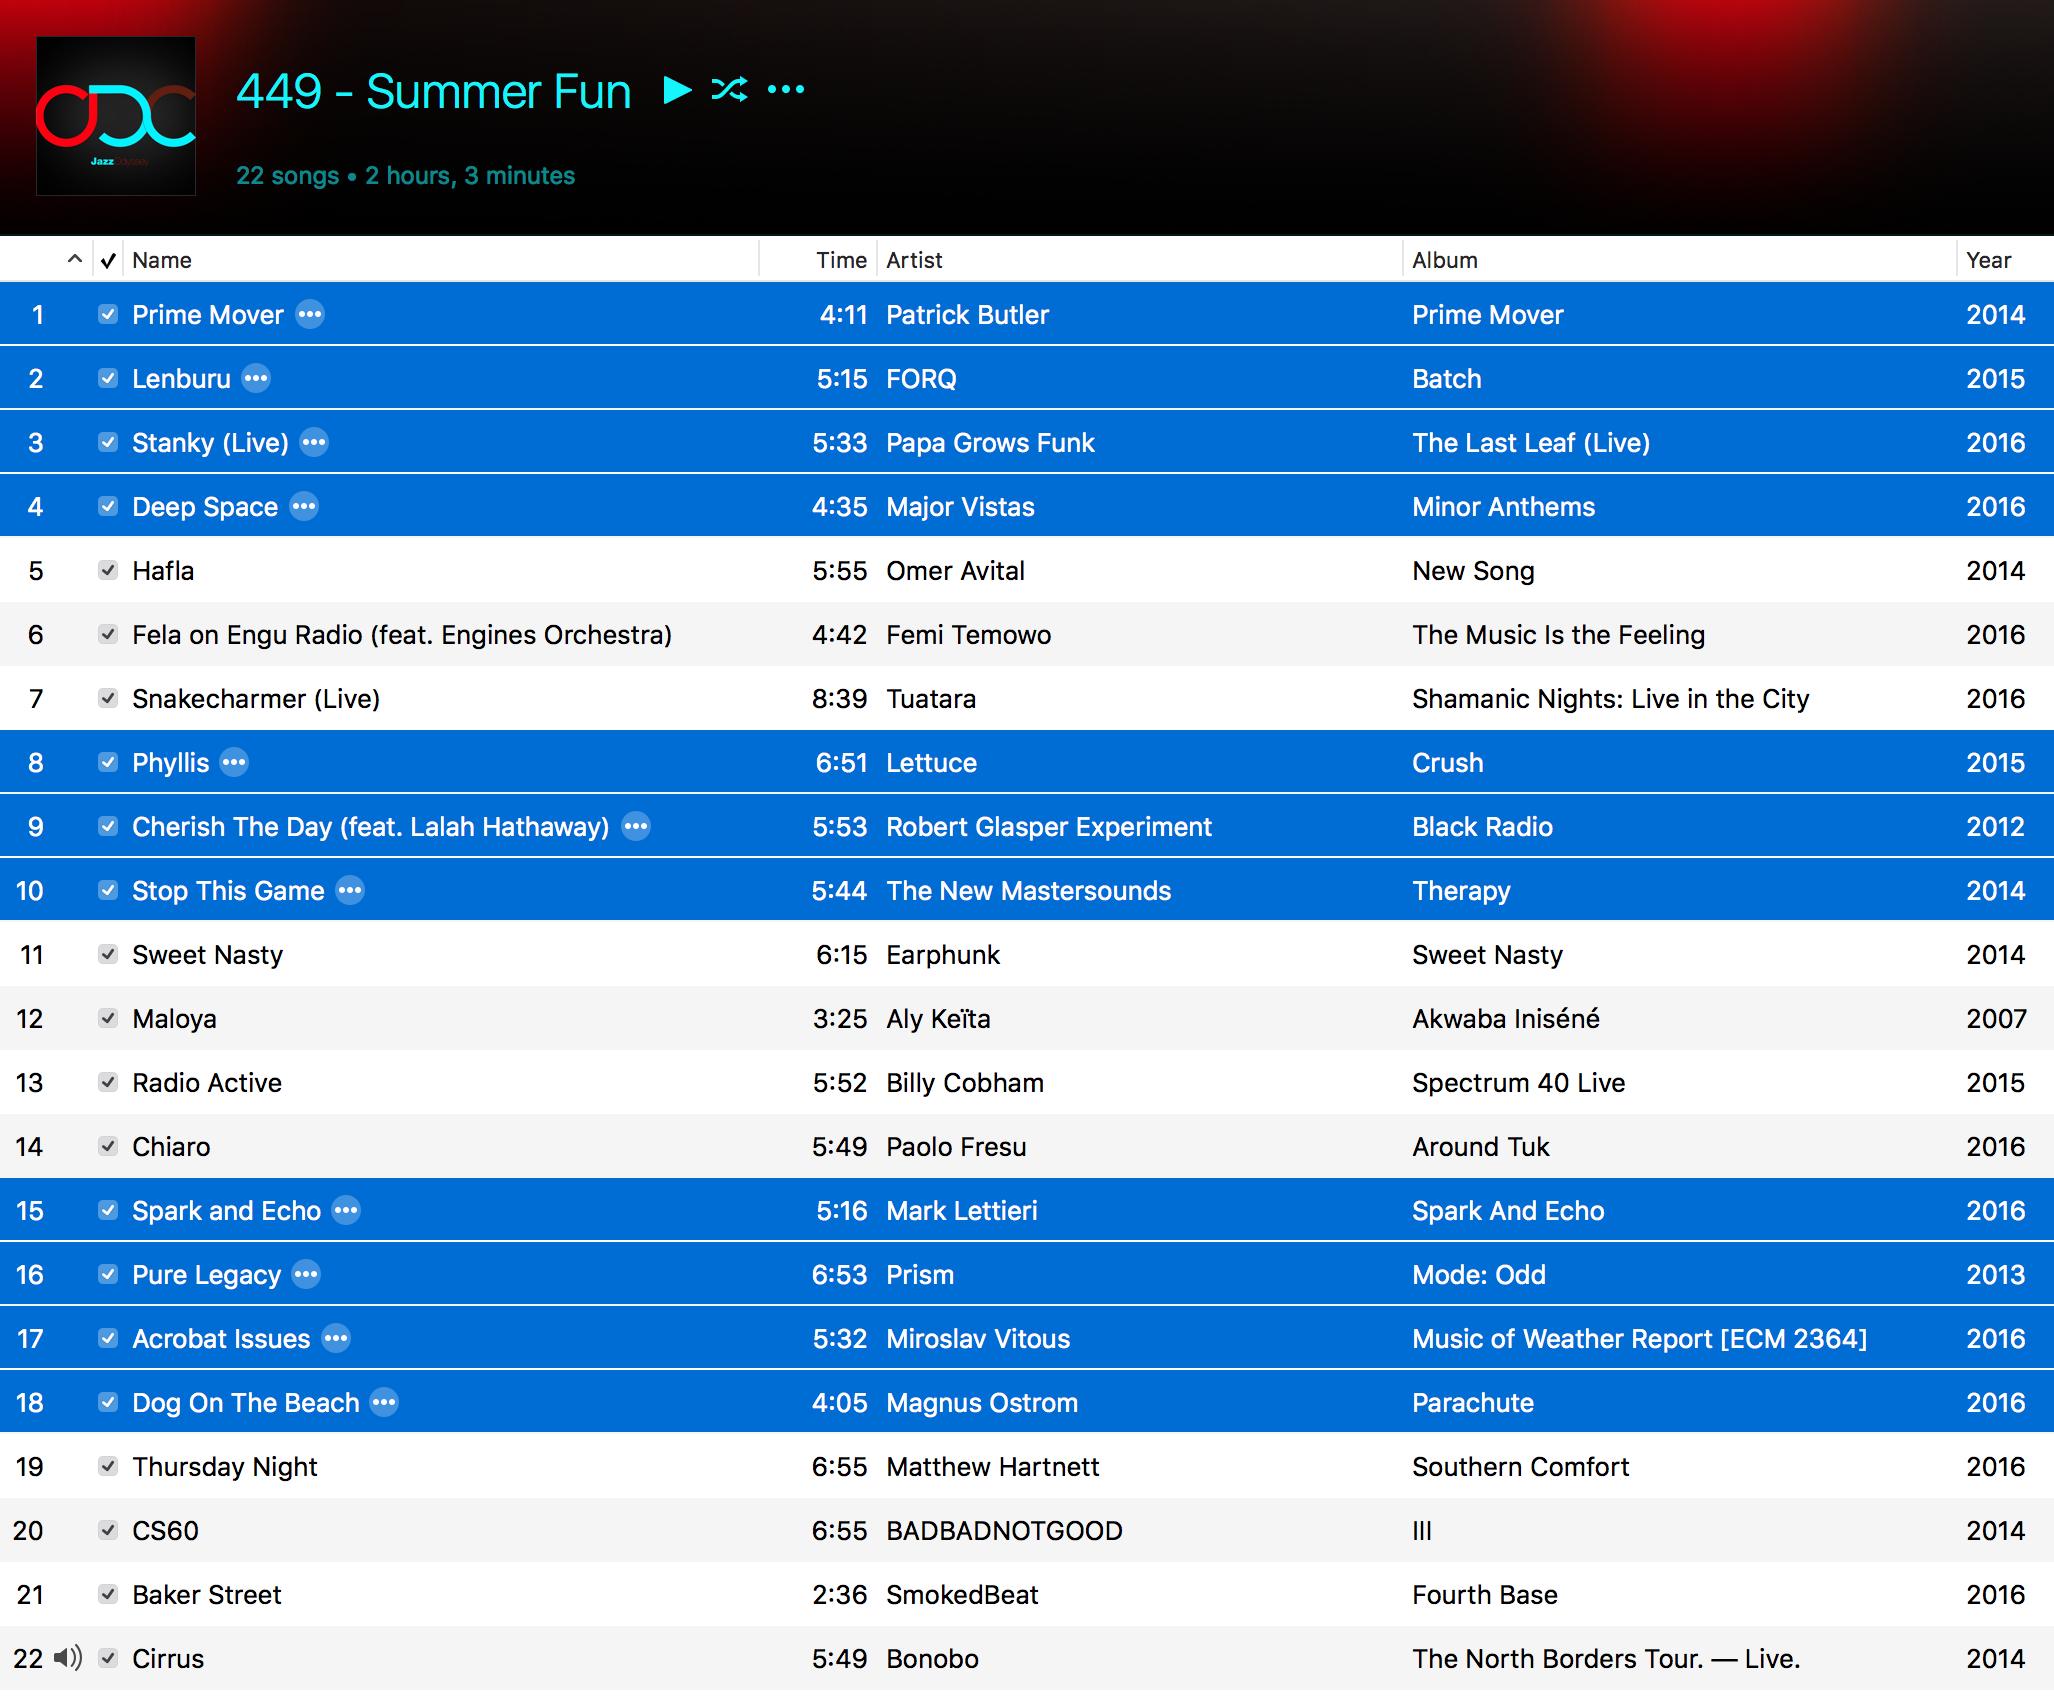 JazzODC #449 - Summer Fun - Playlist